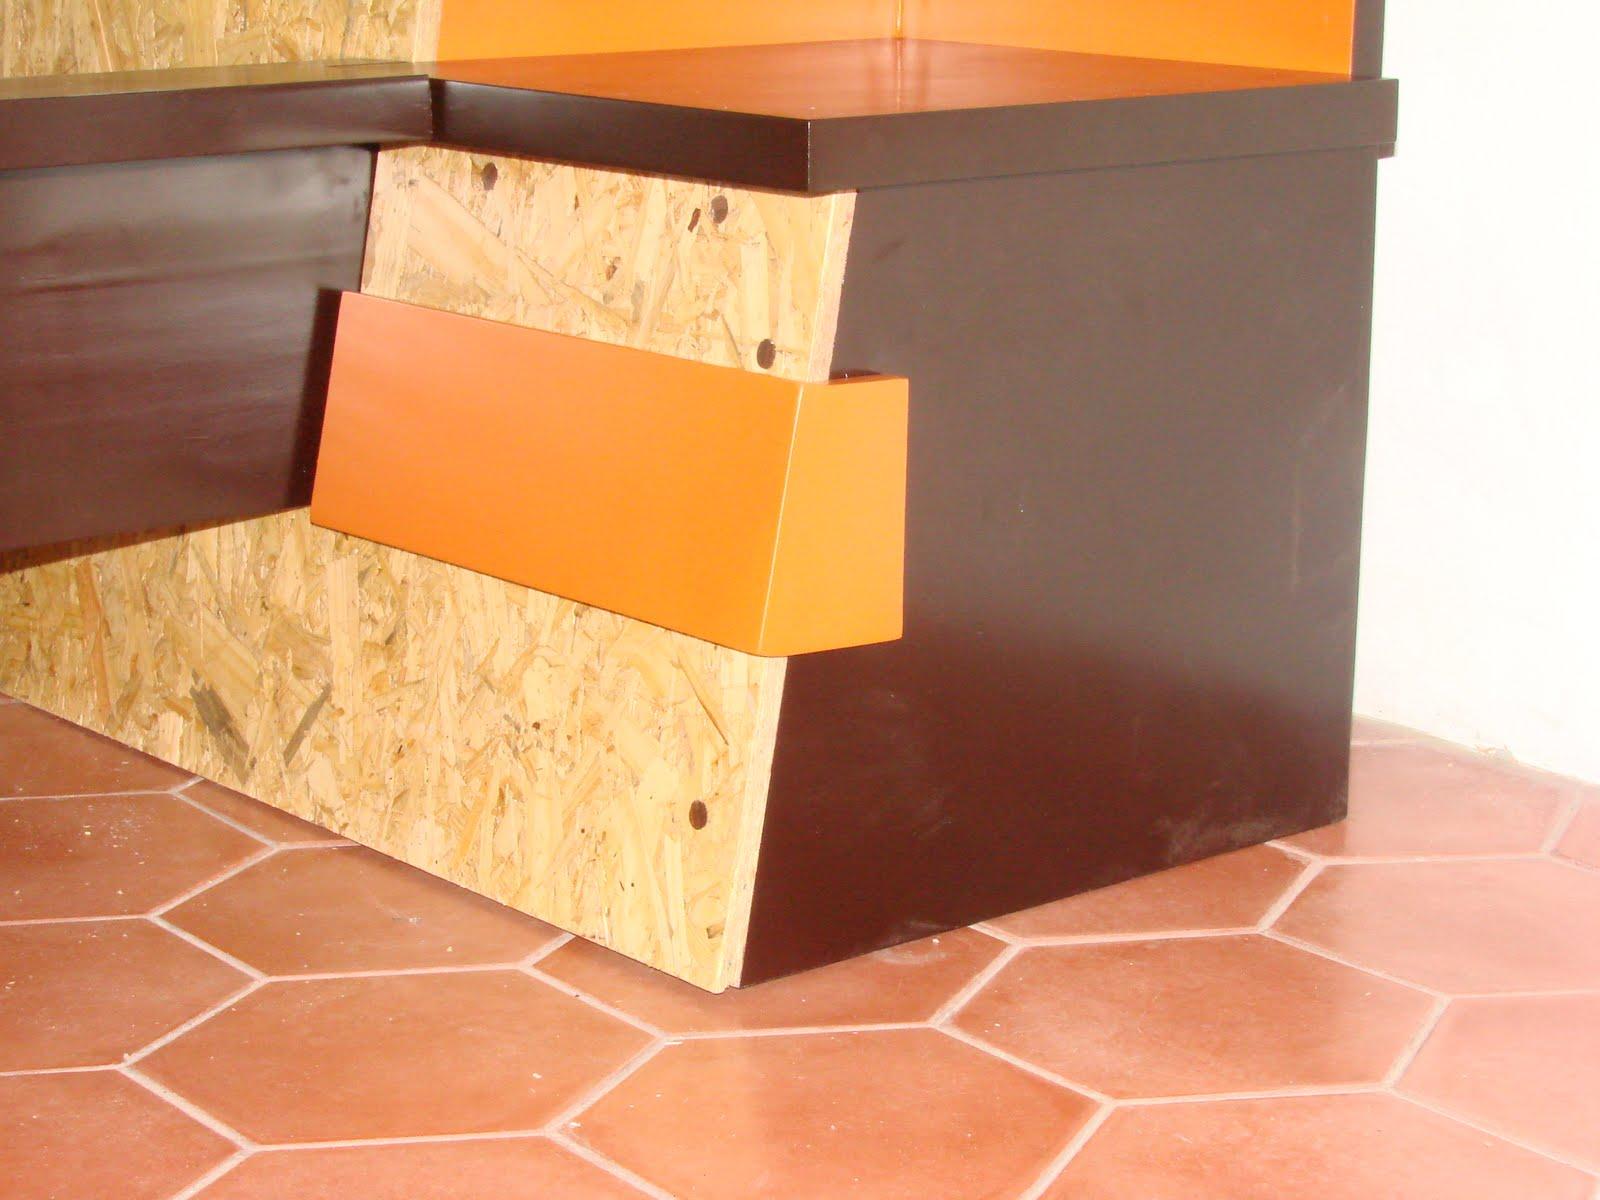 Mobiliario para el hogar katara dise o y ambientaci n - Mobiliario para el hogar ...